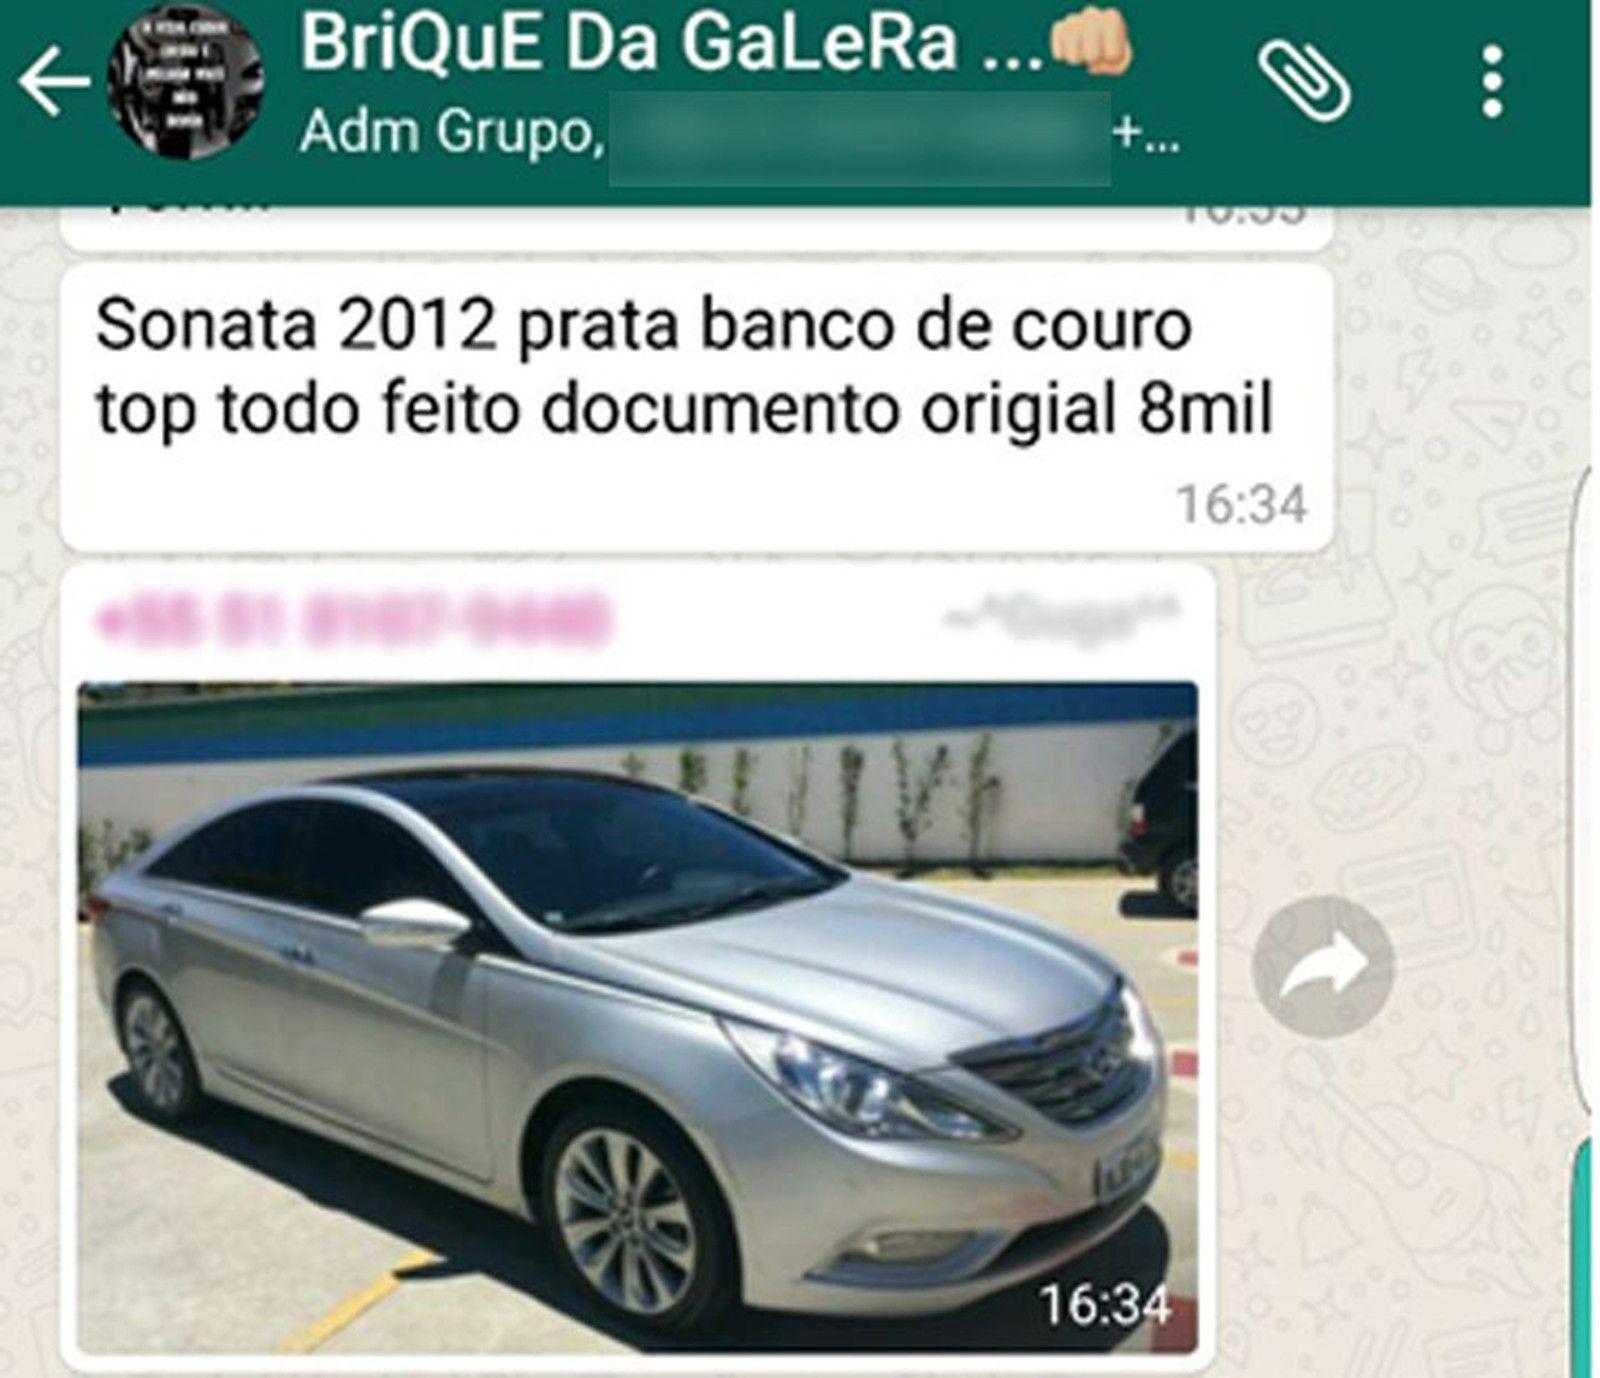 Quadrilha vendia carros roubados pelo WhatsApp